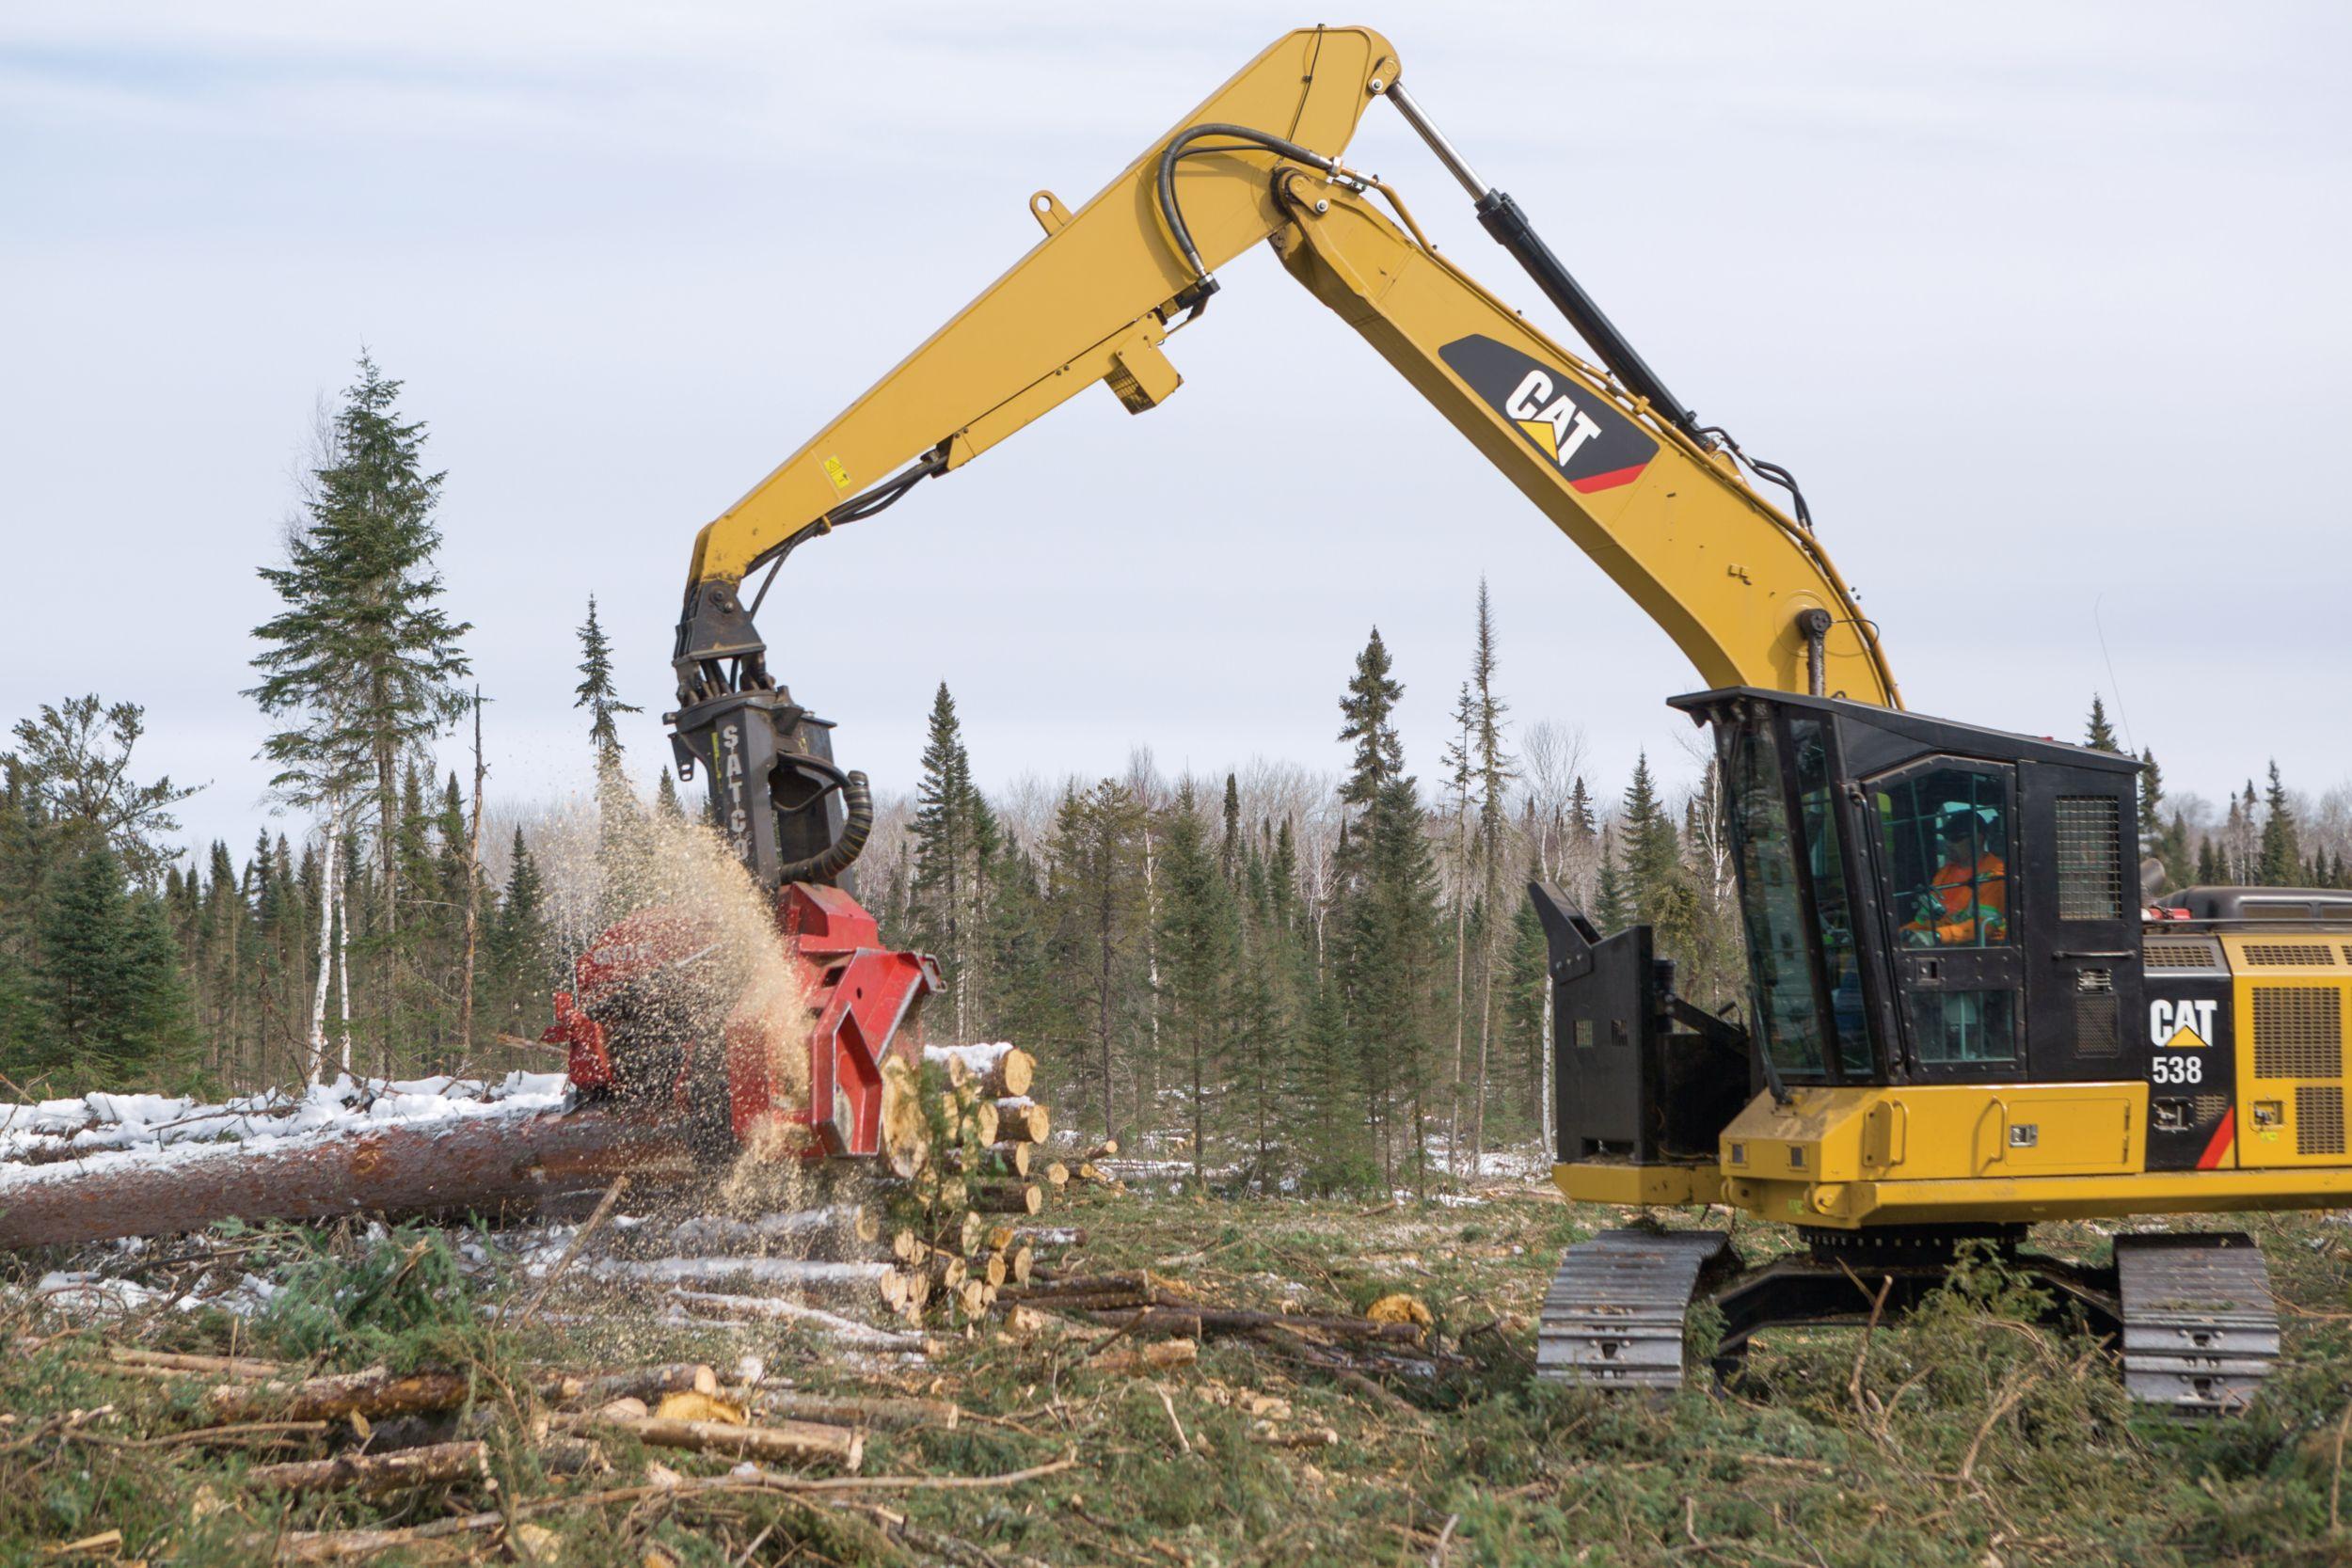 Máquina Forestal 538